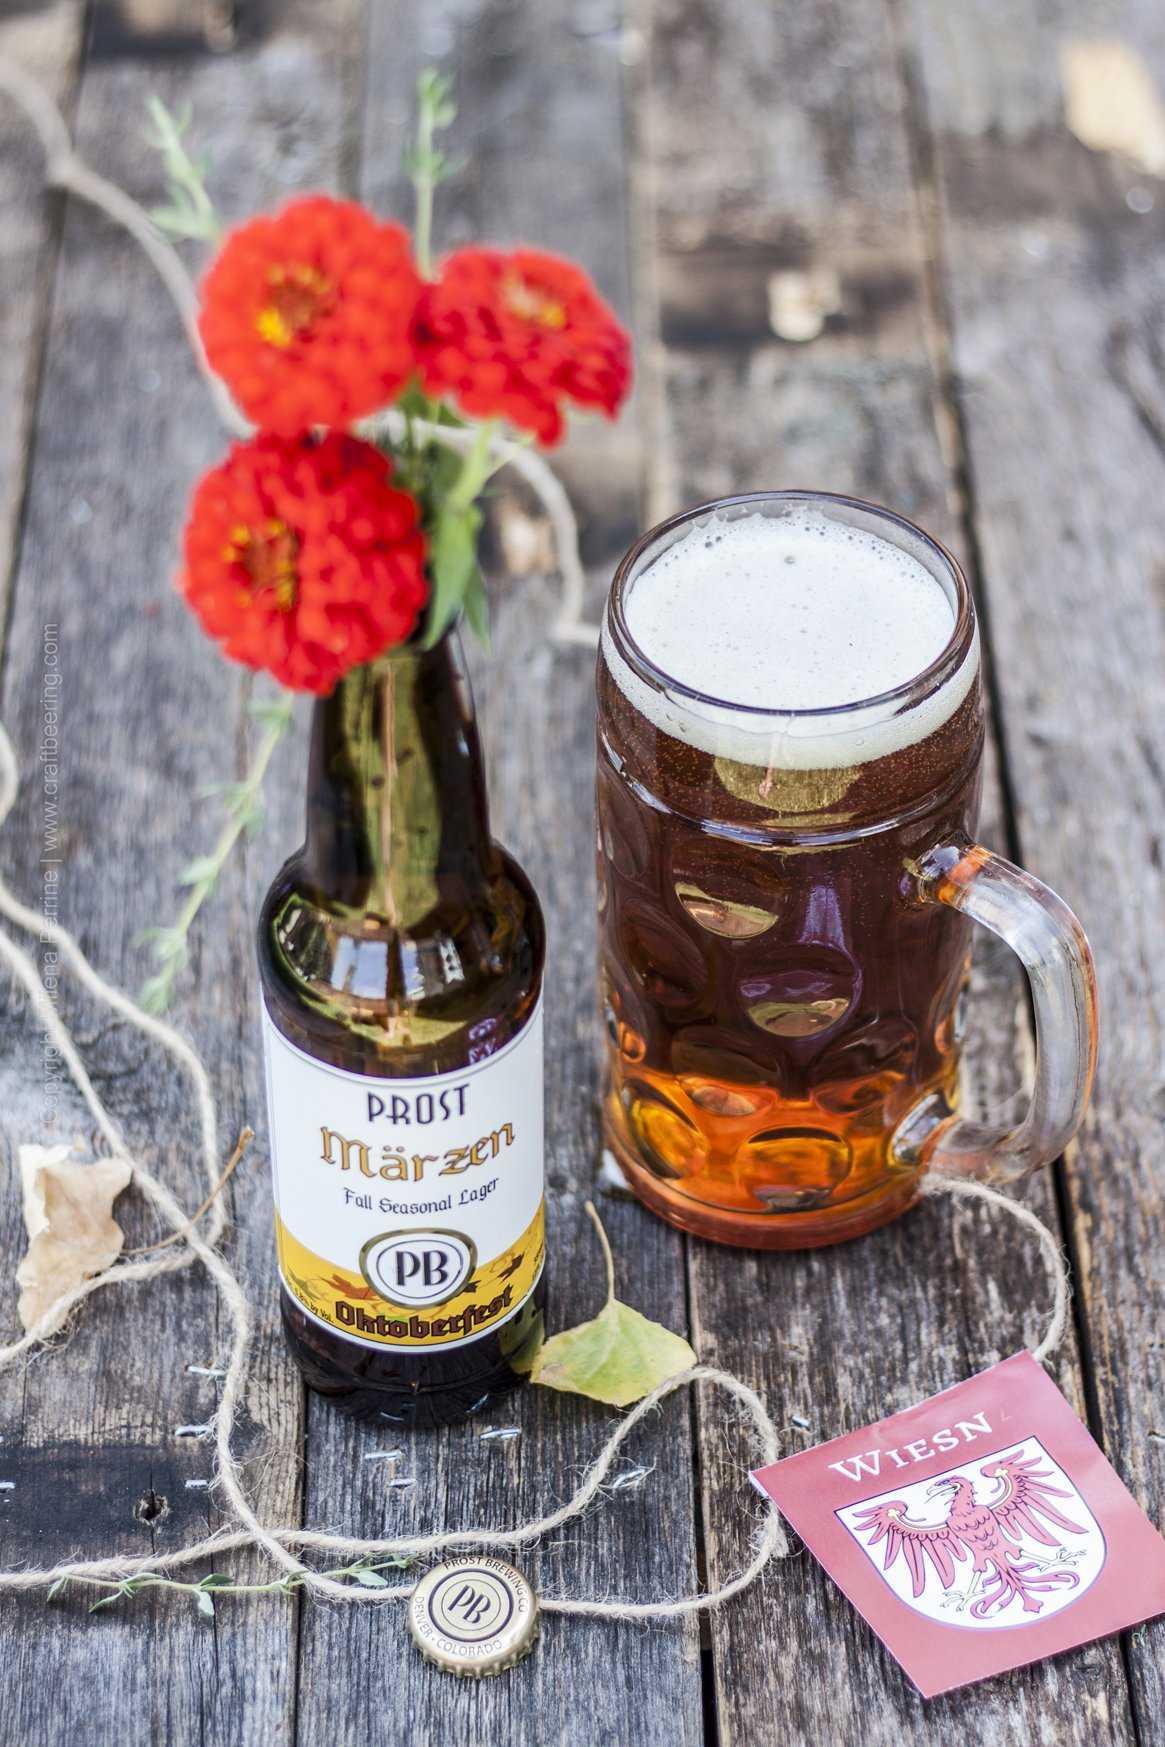 Prost Brewing Co Oktonerfest Marzen style lager